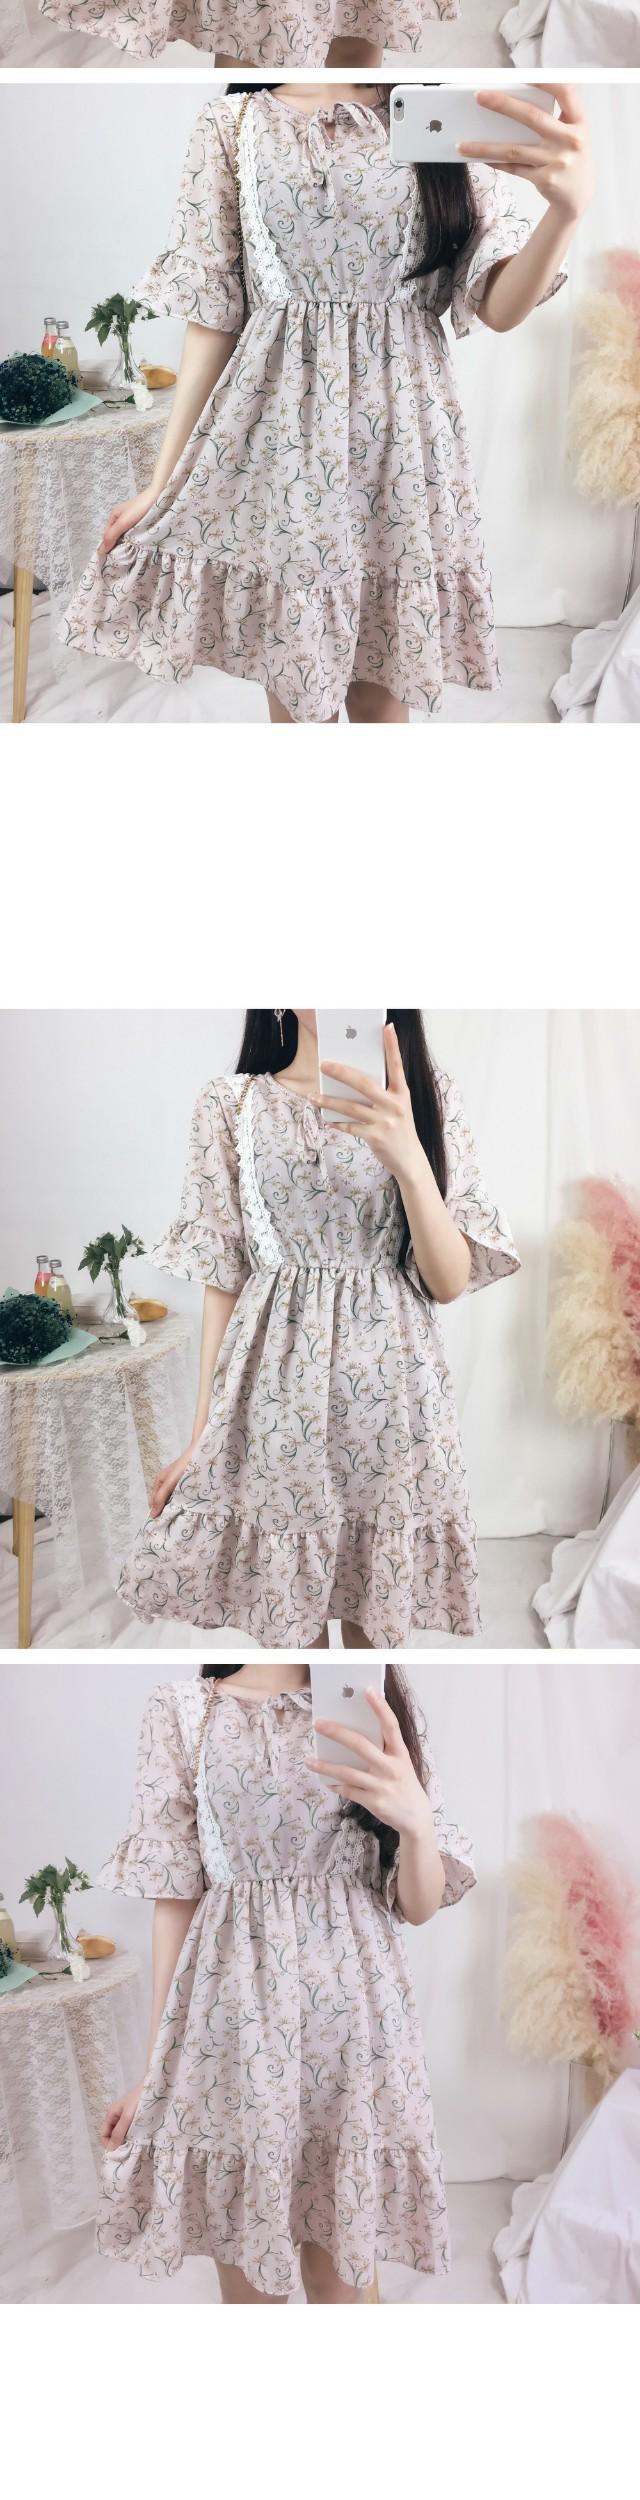 Vinegar Lace Dress (ops812)